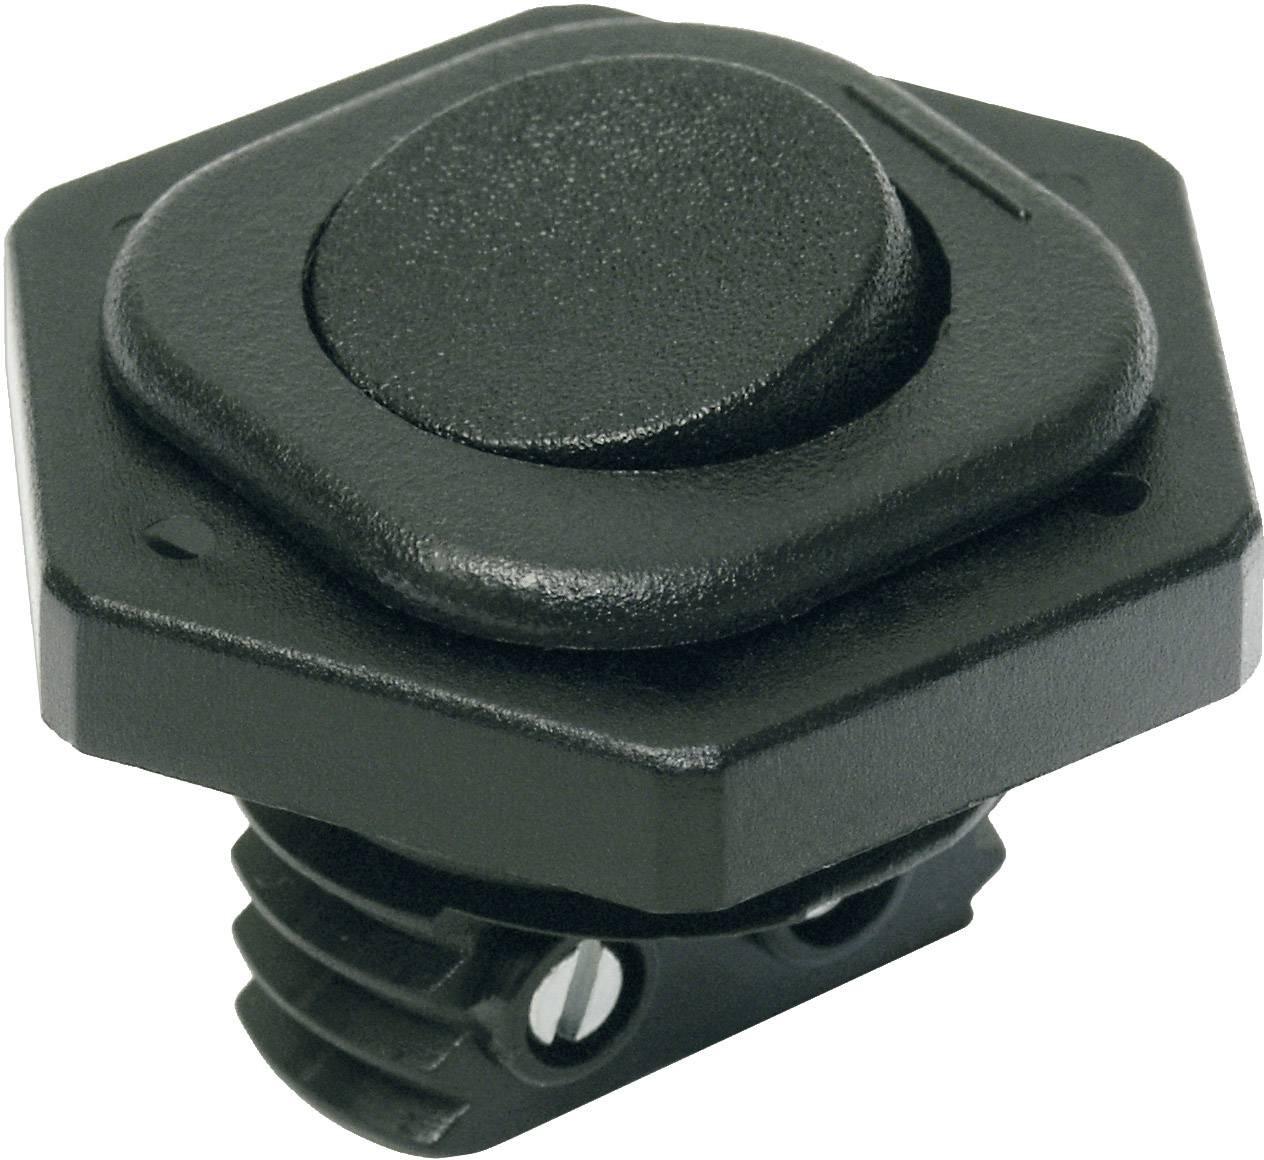 Kolískový spínač s aretáciou interBär 8014-004.01, 250 V/AC, 6 A, 1x vyp/zap, 1 ks